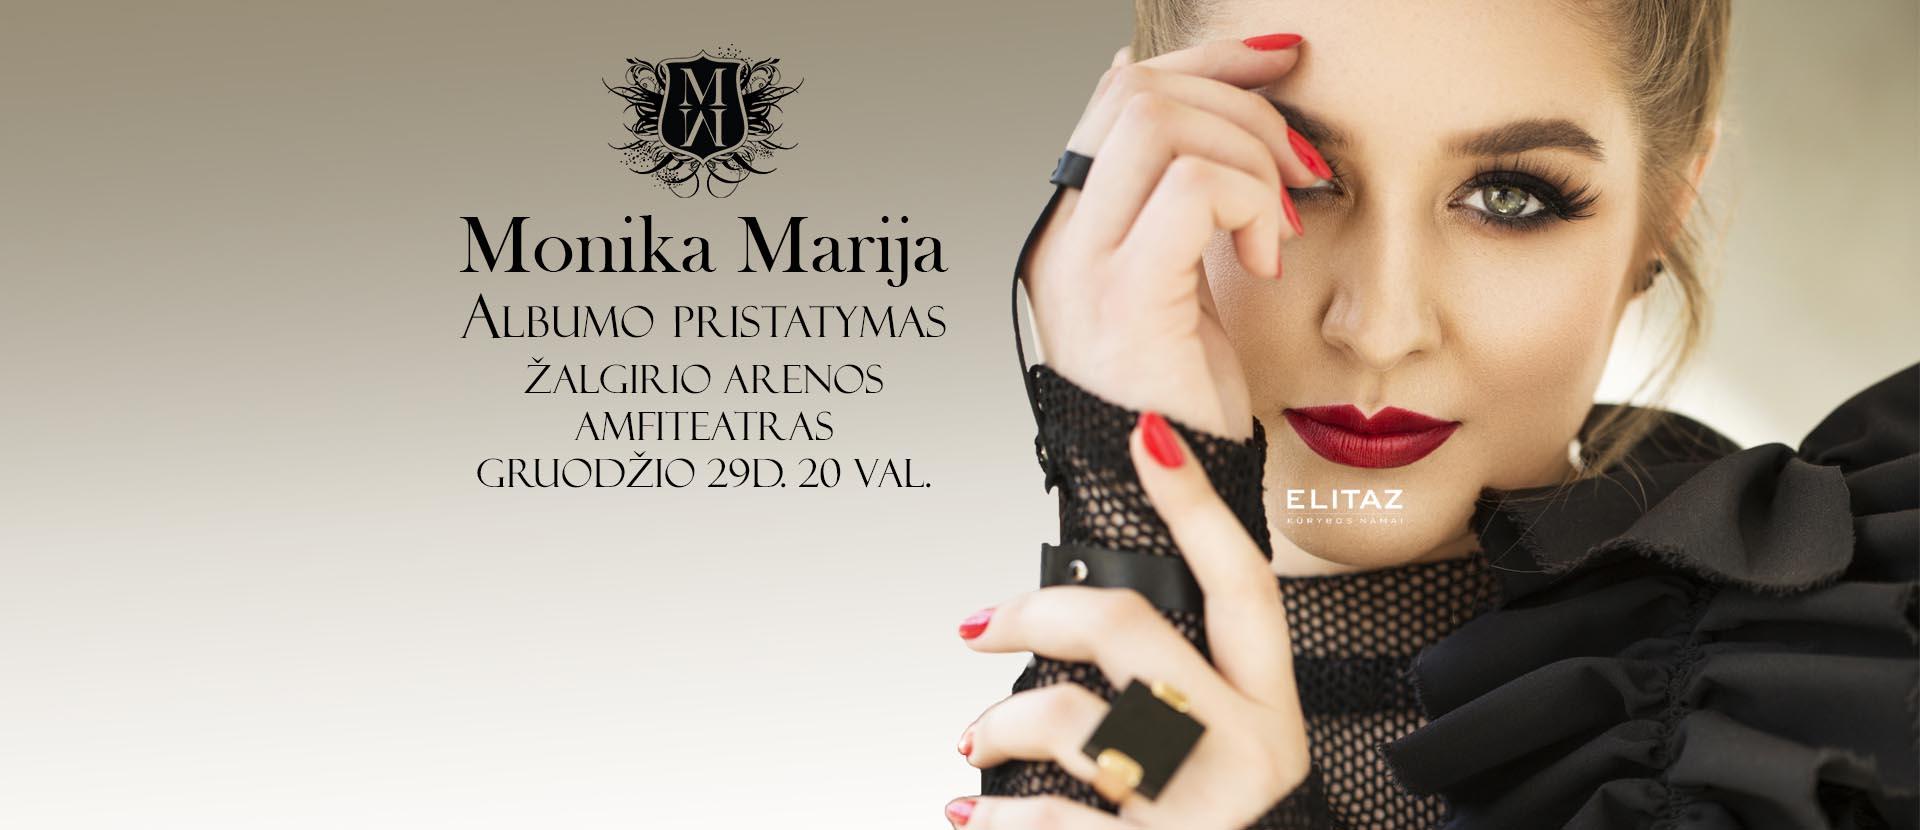 Monika Marija, Albumo pristatymas